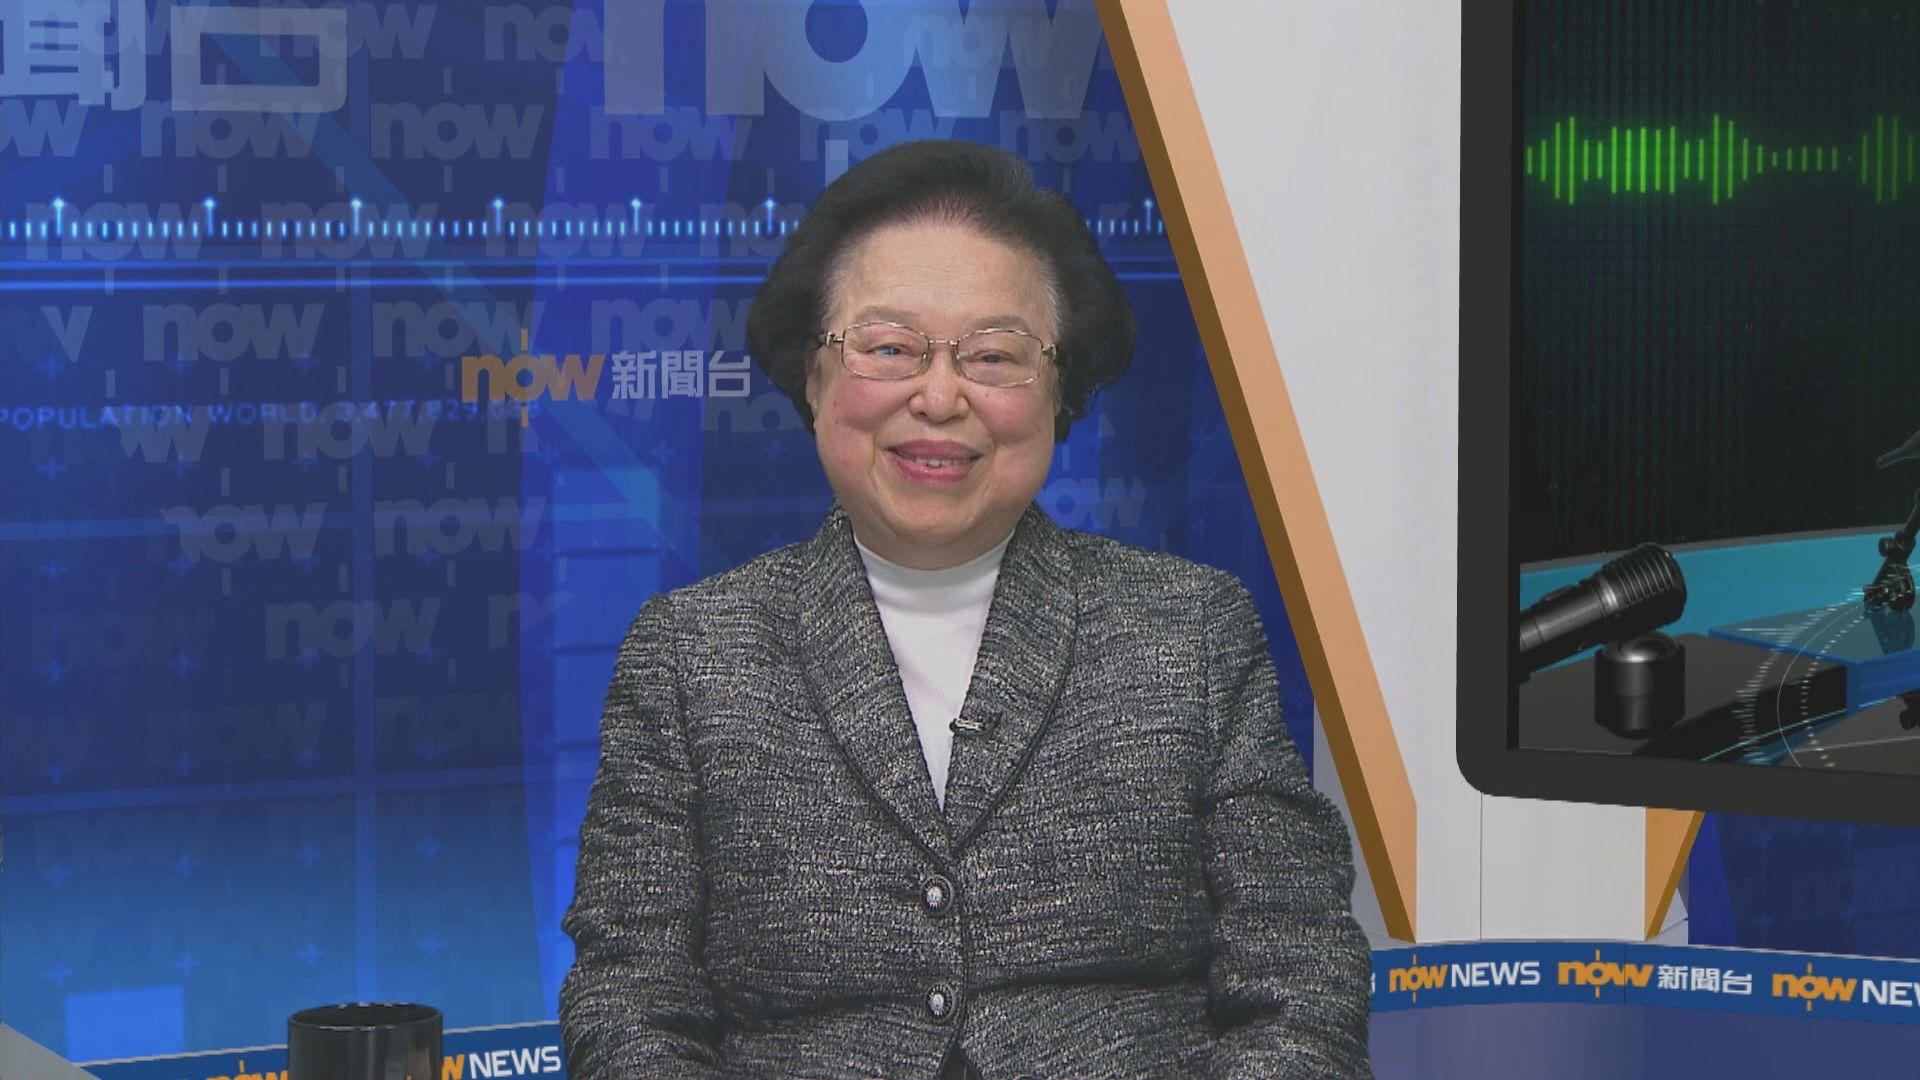 譚惠珠:資格審查委員會非行政機關 不易受司法覆核